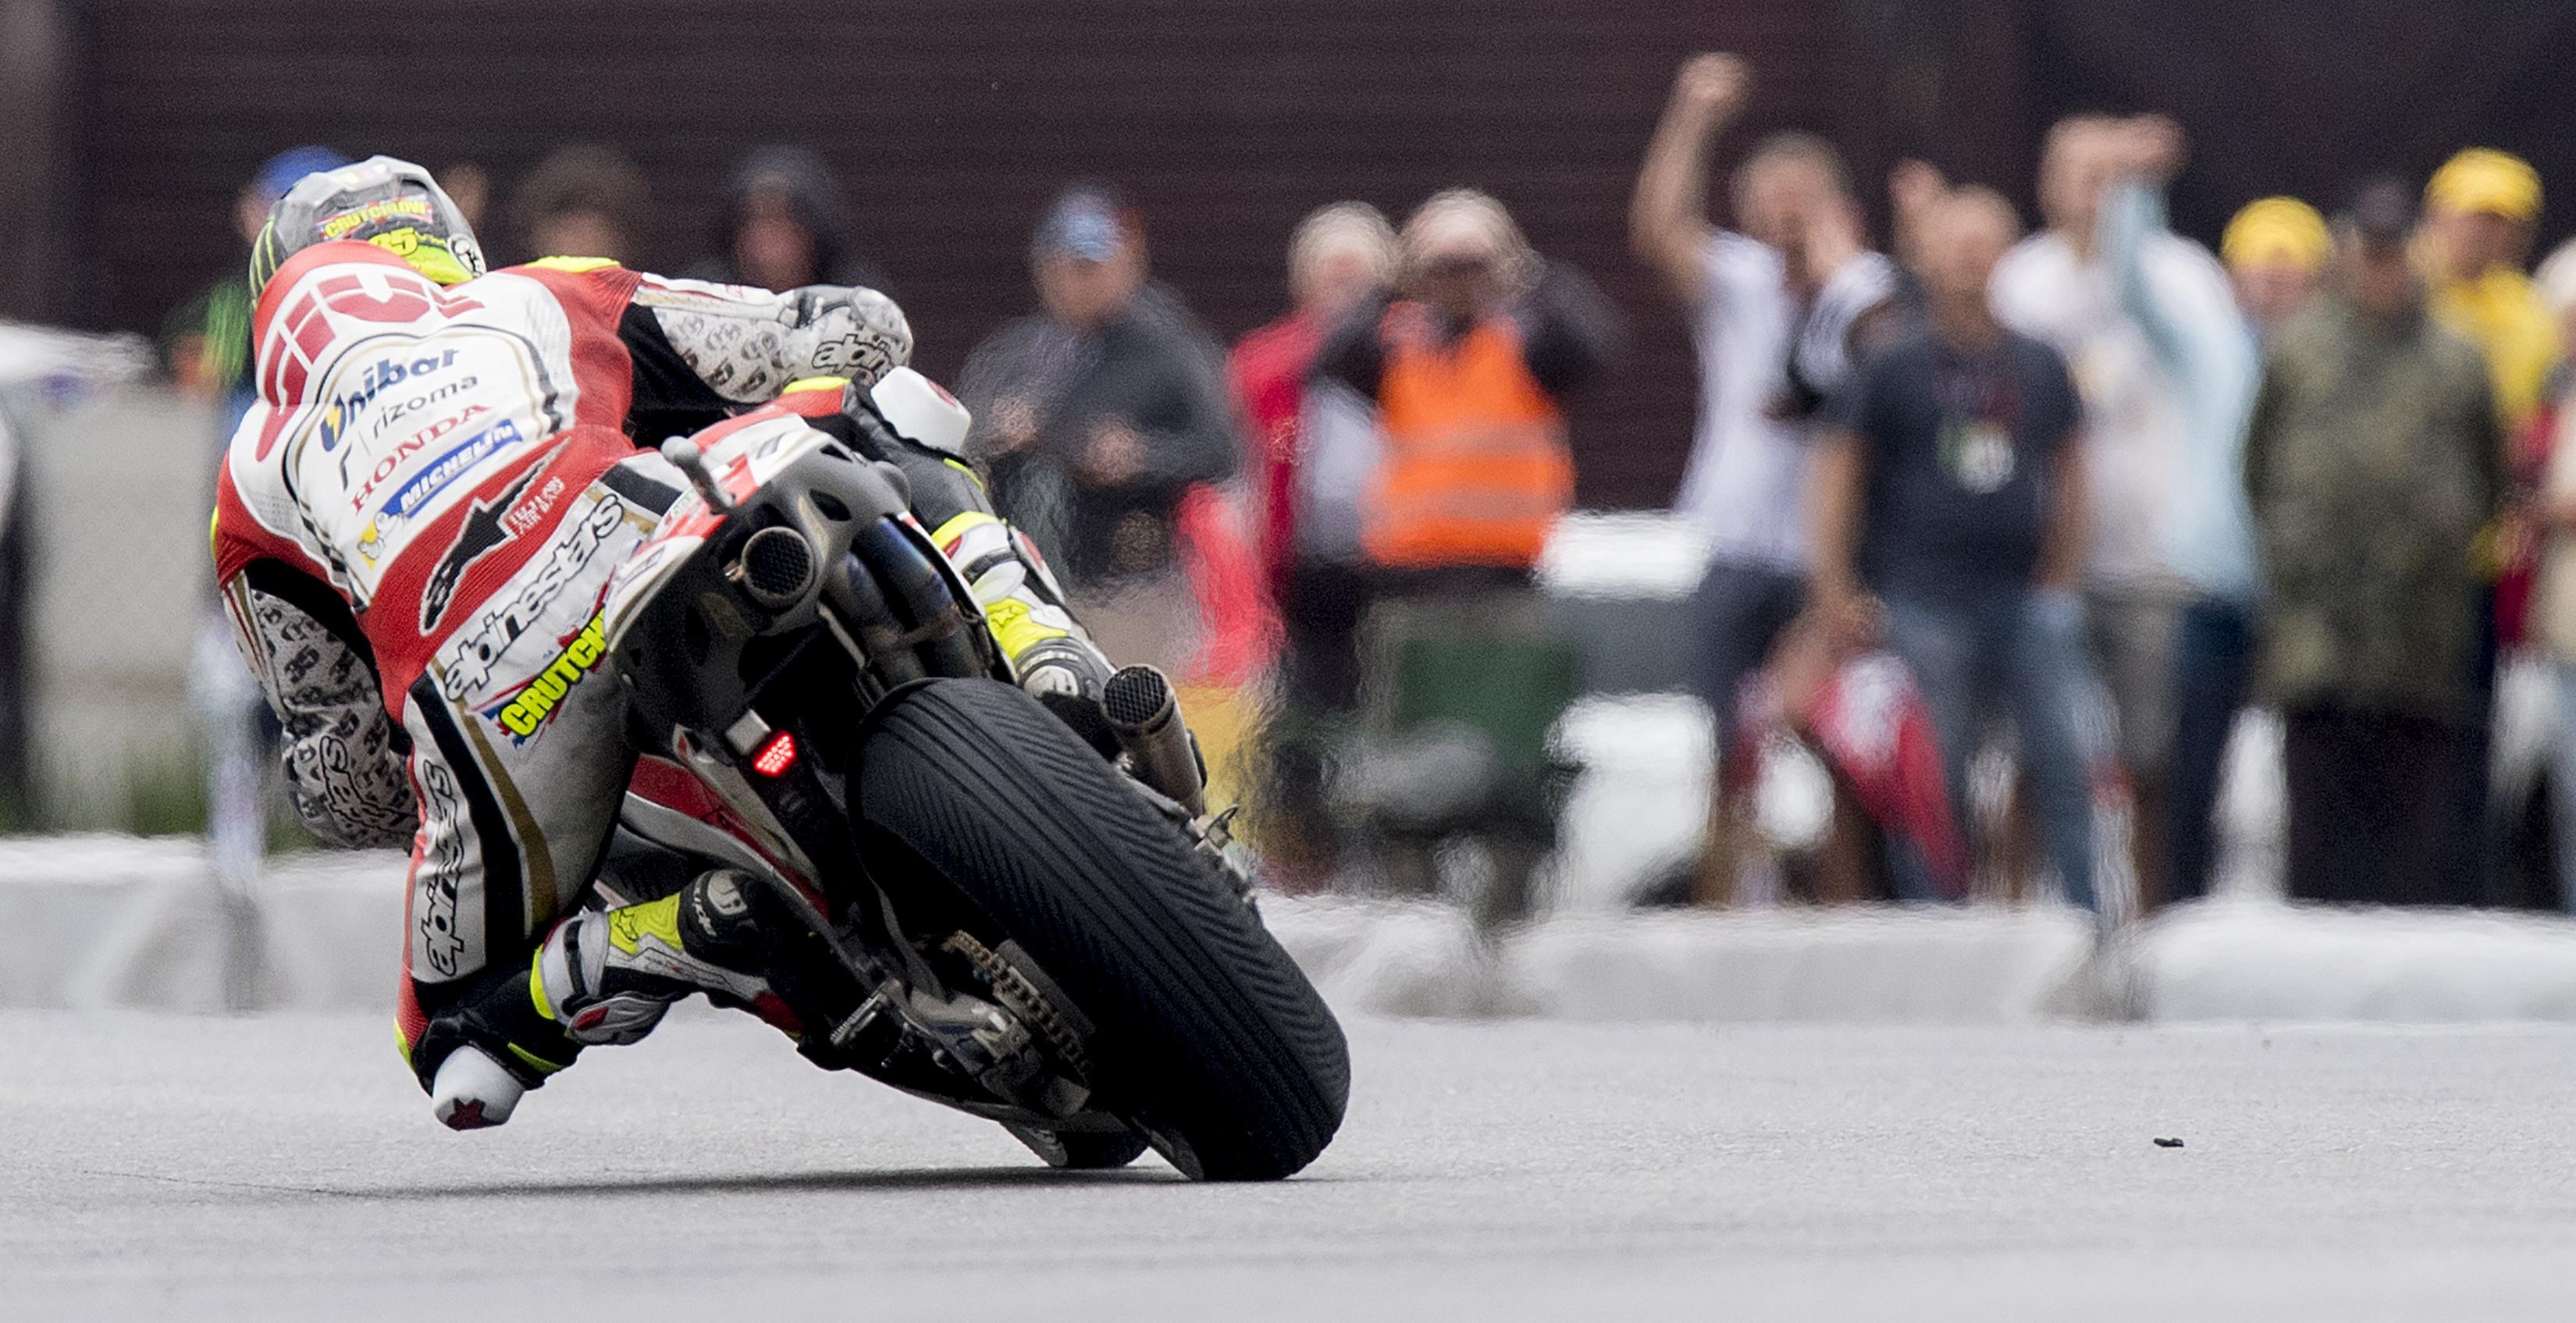 Brno e la pioggia regalano un'altra prima volta: Cal Crutchlow vince la sua prima gara in carriera. Il pilota della Honda sale sul più alto gradino del podio battendo Valentino Rossi e Marc Marquez.